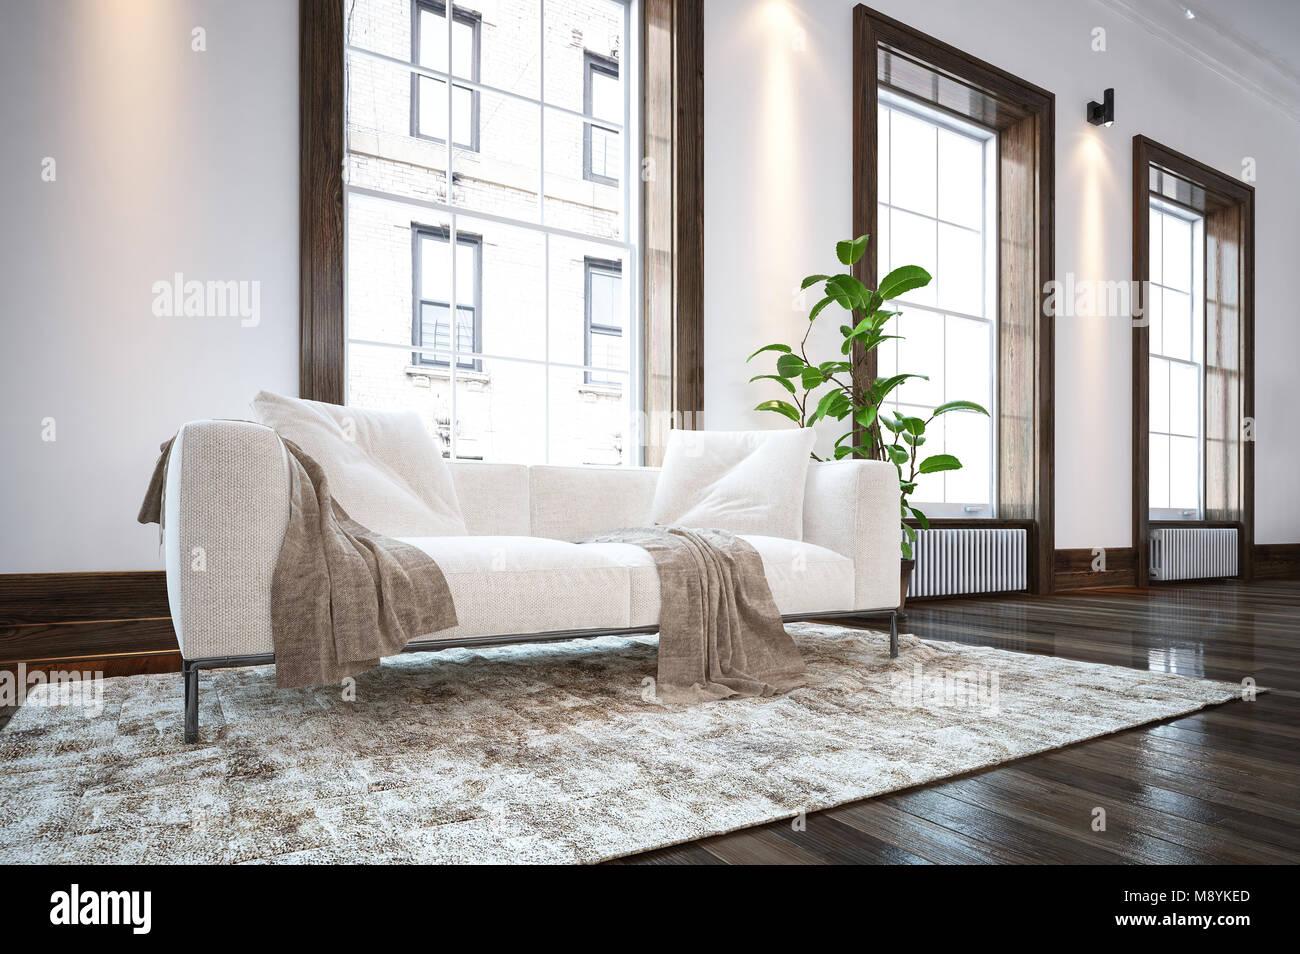 https www alamyimages fr photo image grand salon minimaliste de luxe spacieux interieur avec un confortable canape blanc sur un tapis sur un sol en bois en face de grandes fenetres lumineuses donnant sur 177628933 html